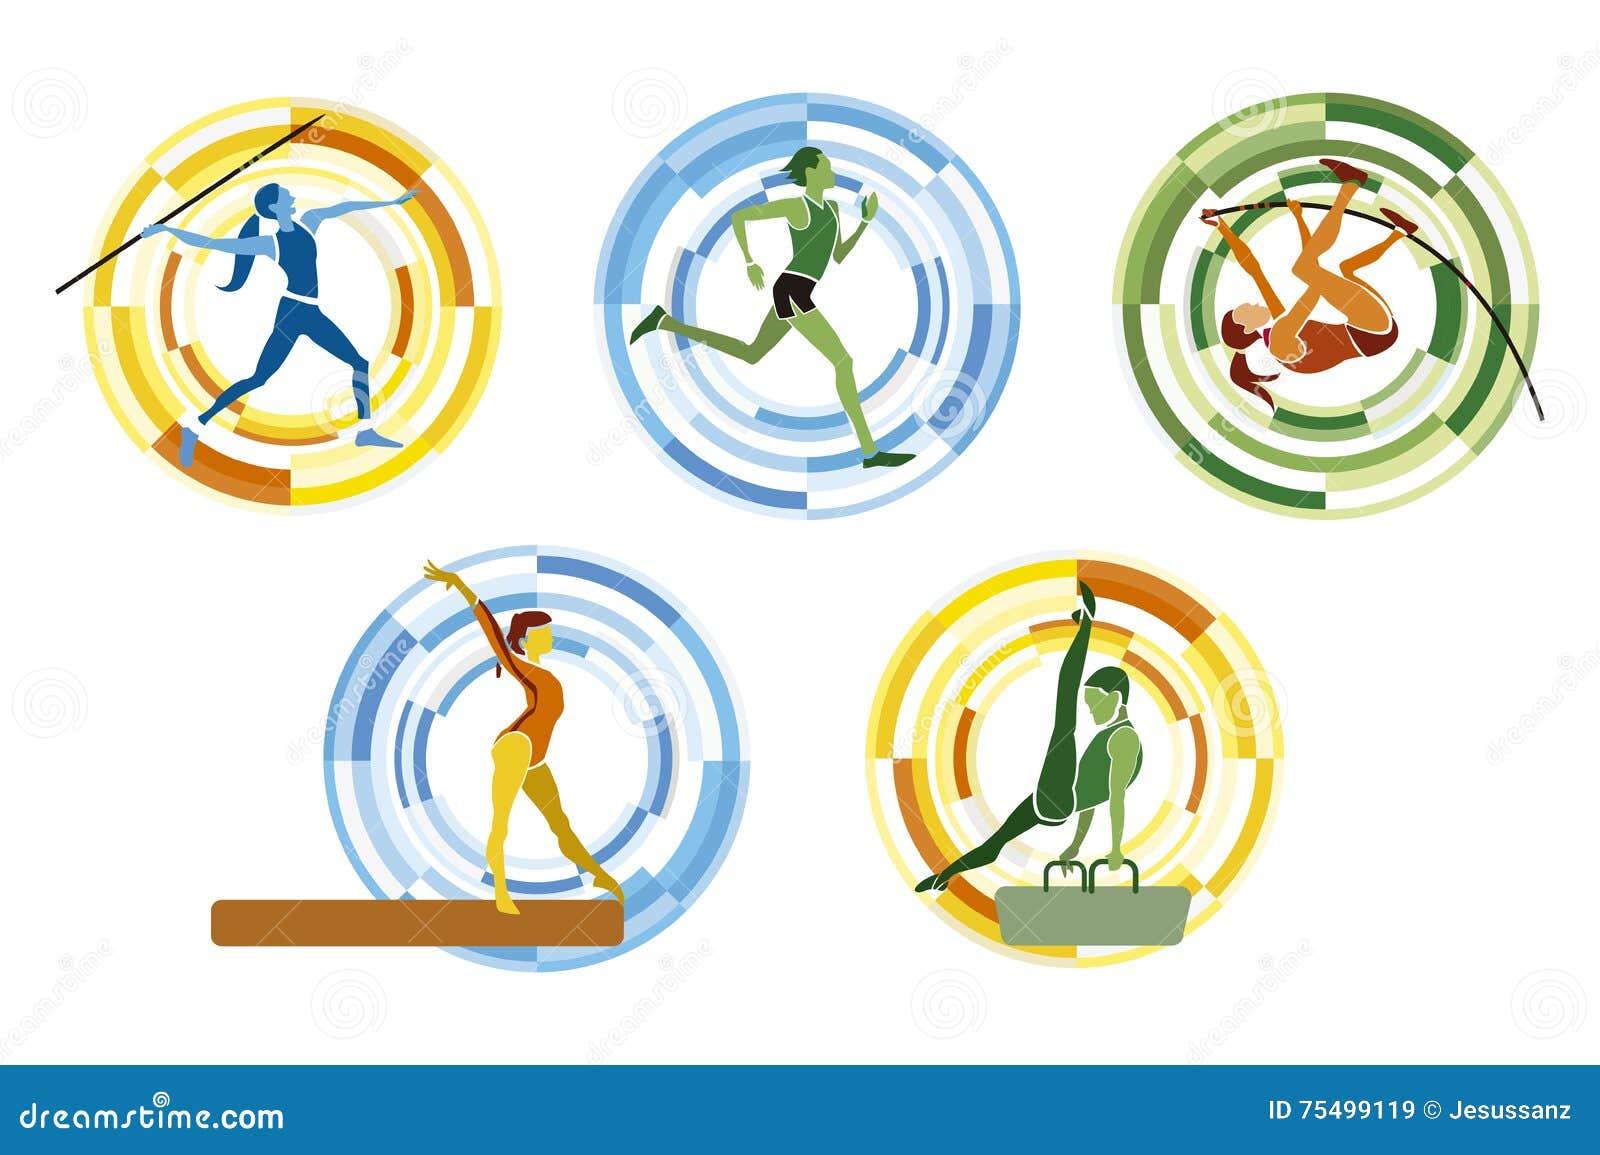 Olympische Disziplinen